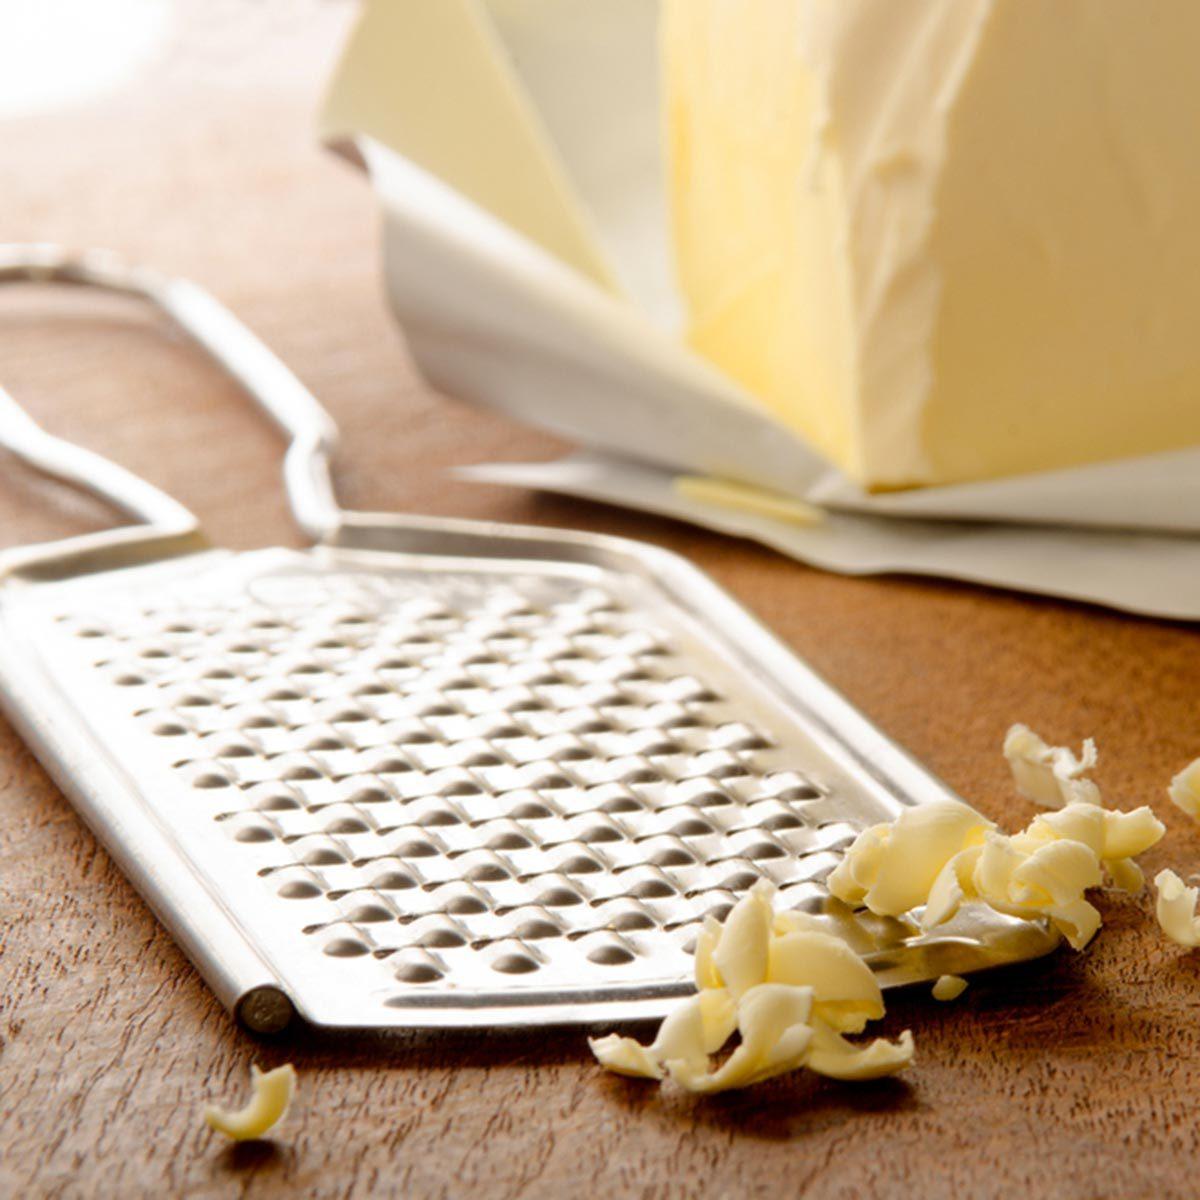 Trucs culinaires : pour une meilleure pâte à tarte, essayez la râpe à fromage.